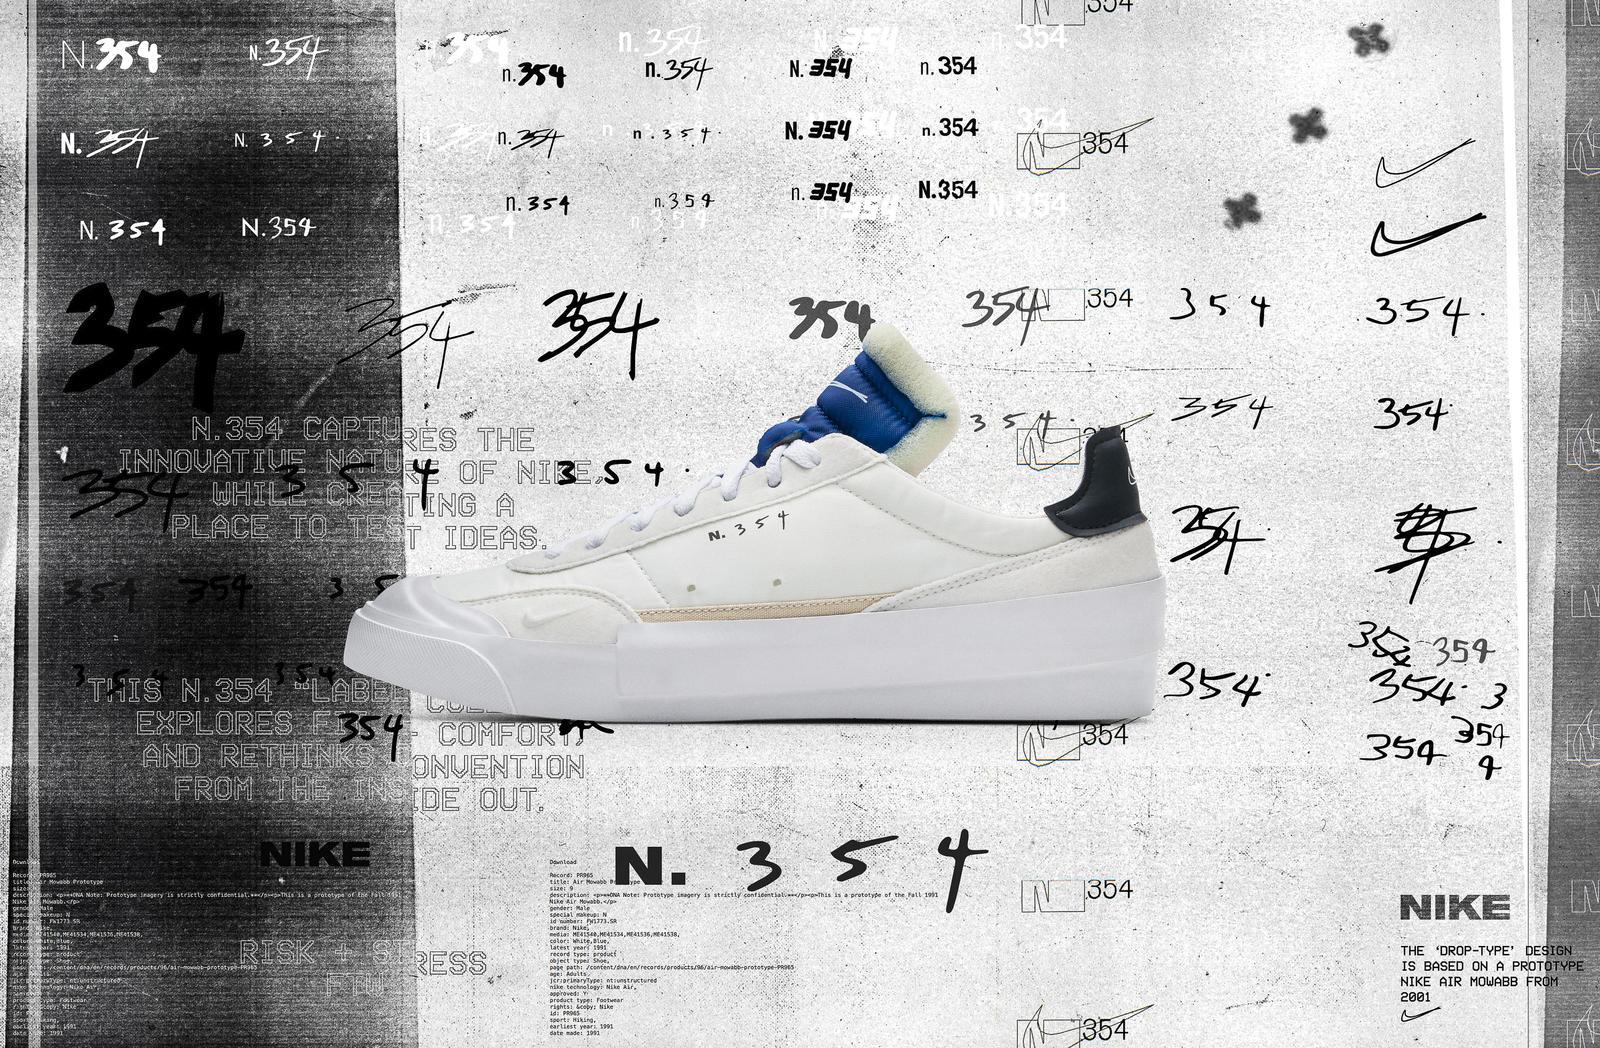 Nike Sporstwear N. 354, THE10TH and DIMSIX Footwear 2